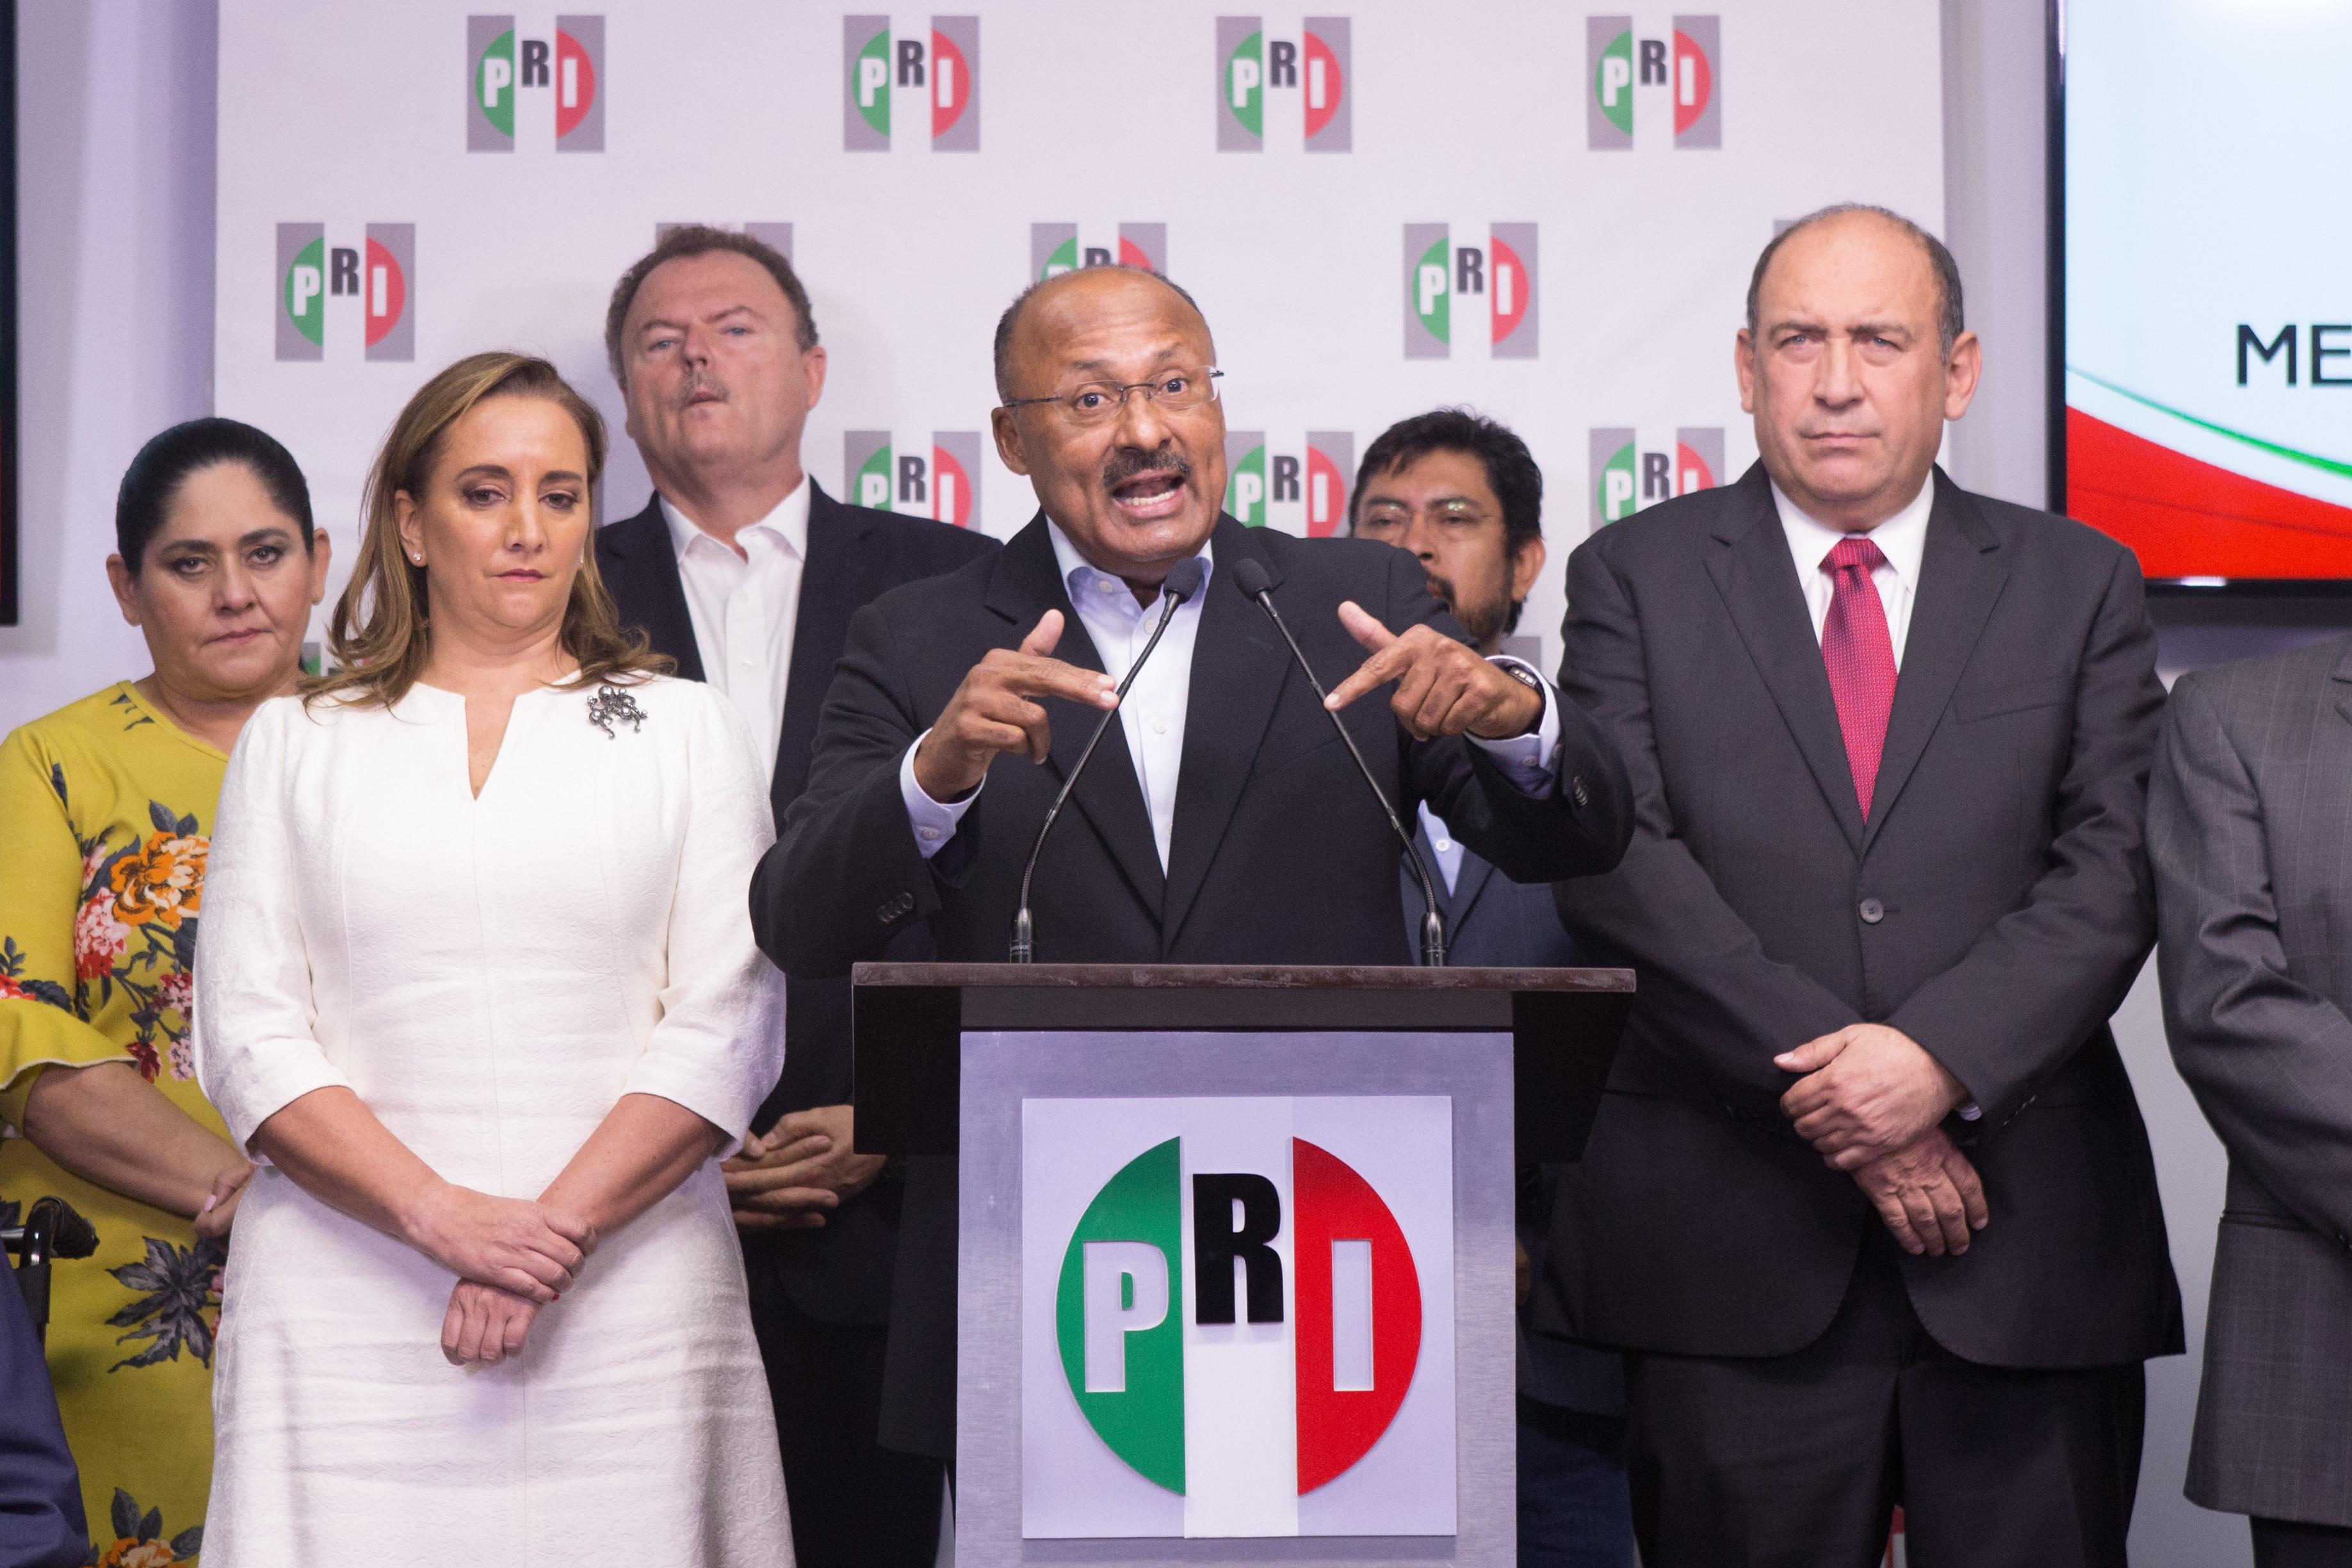 Tras la derrota en las elecciones presidenciales, René Juárez renuncia al cargo de presidente nacional...